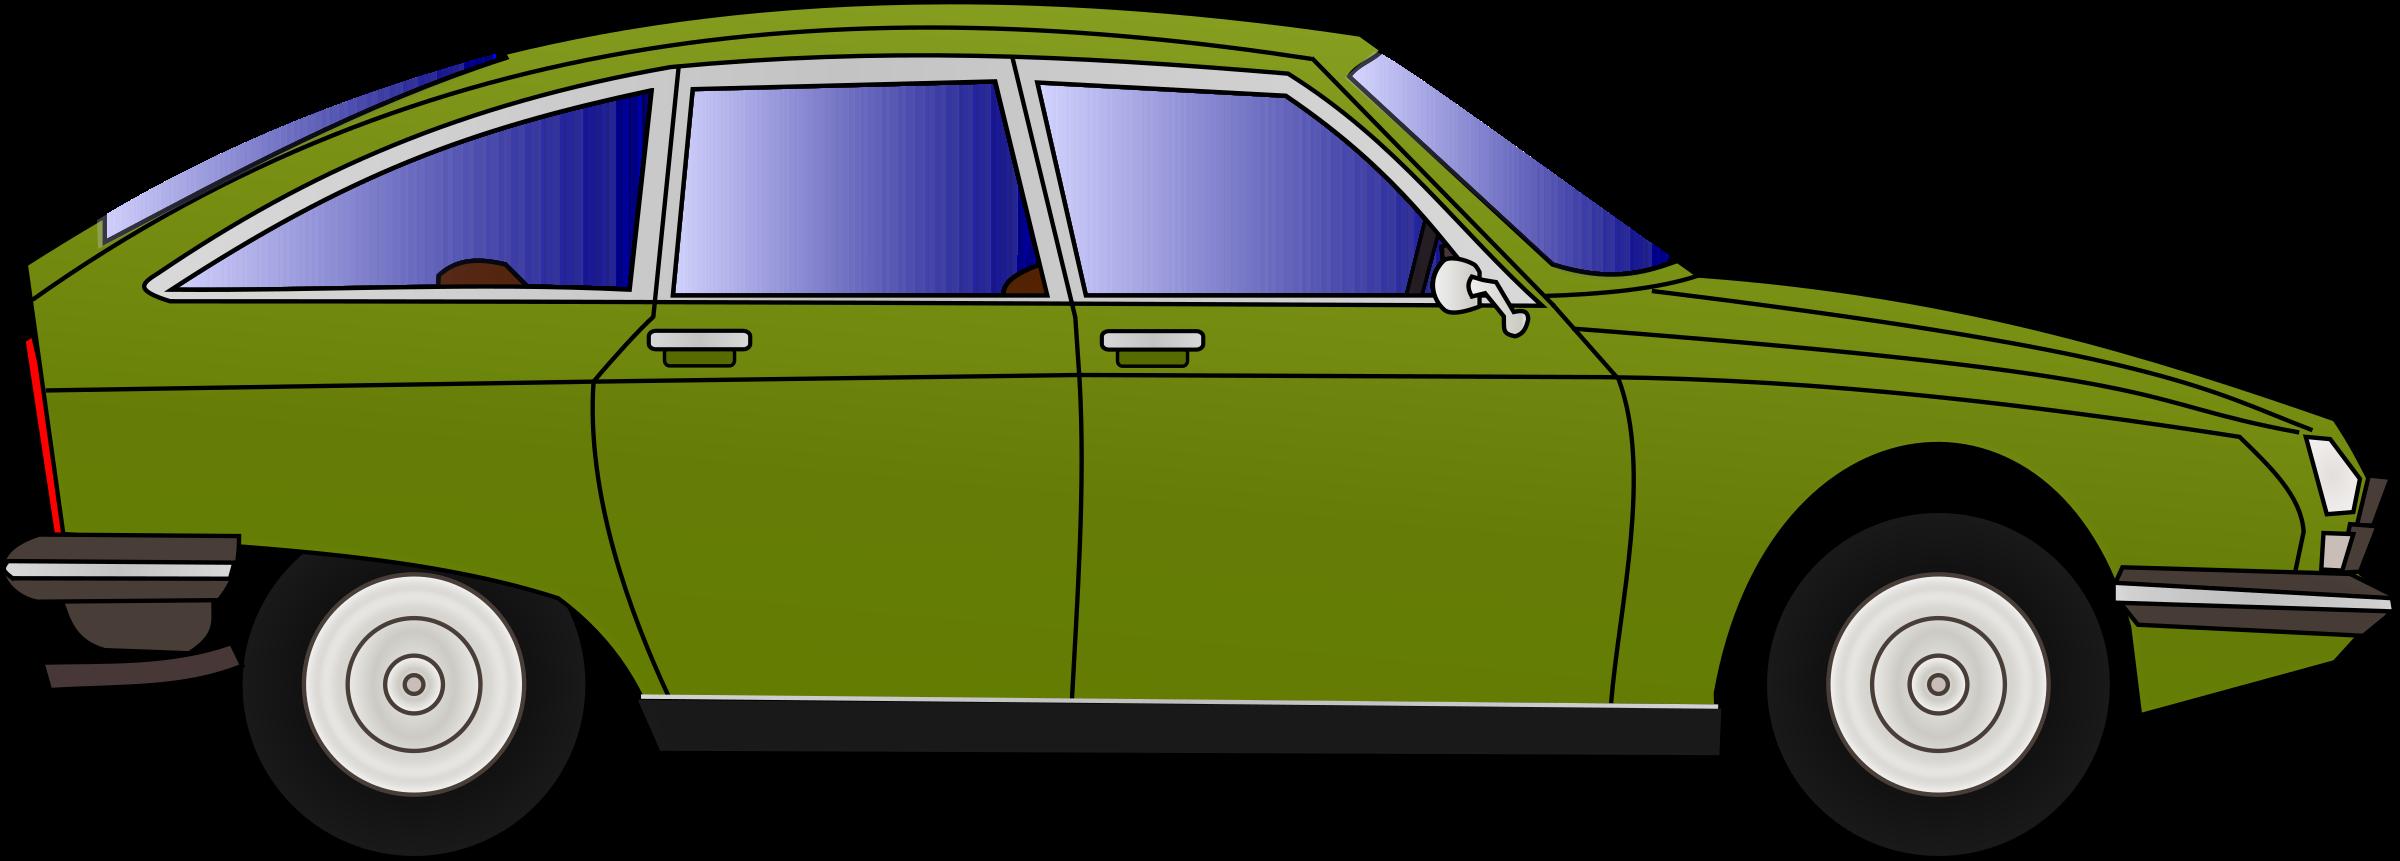 Clipart Gs Car